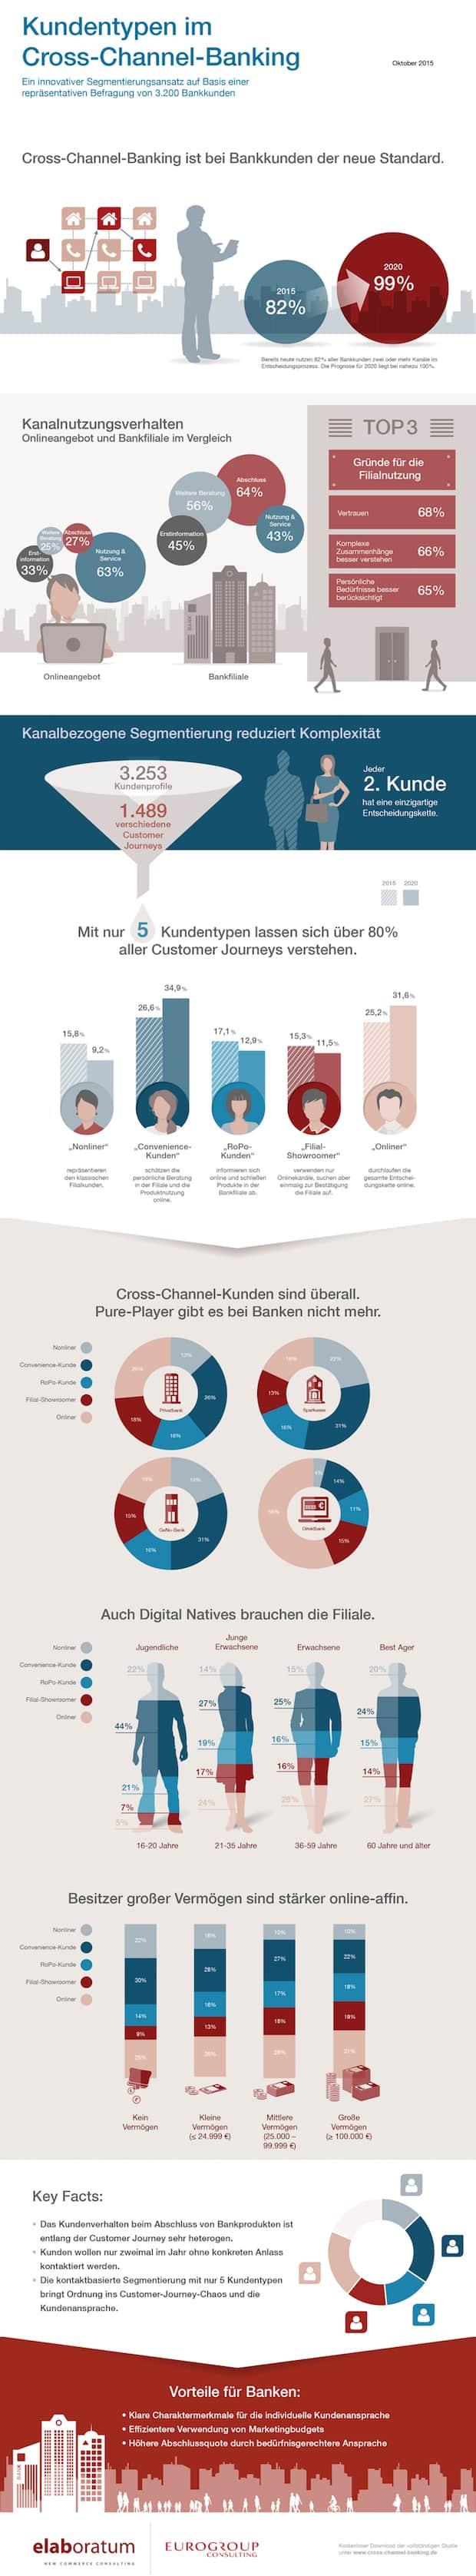 Photo of Banken planen Digitalisierung und Filialumbau am Kunden  vorbei